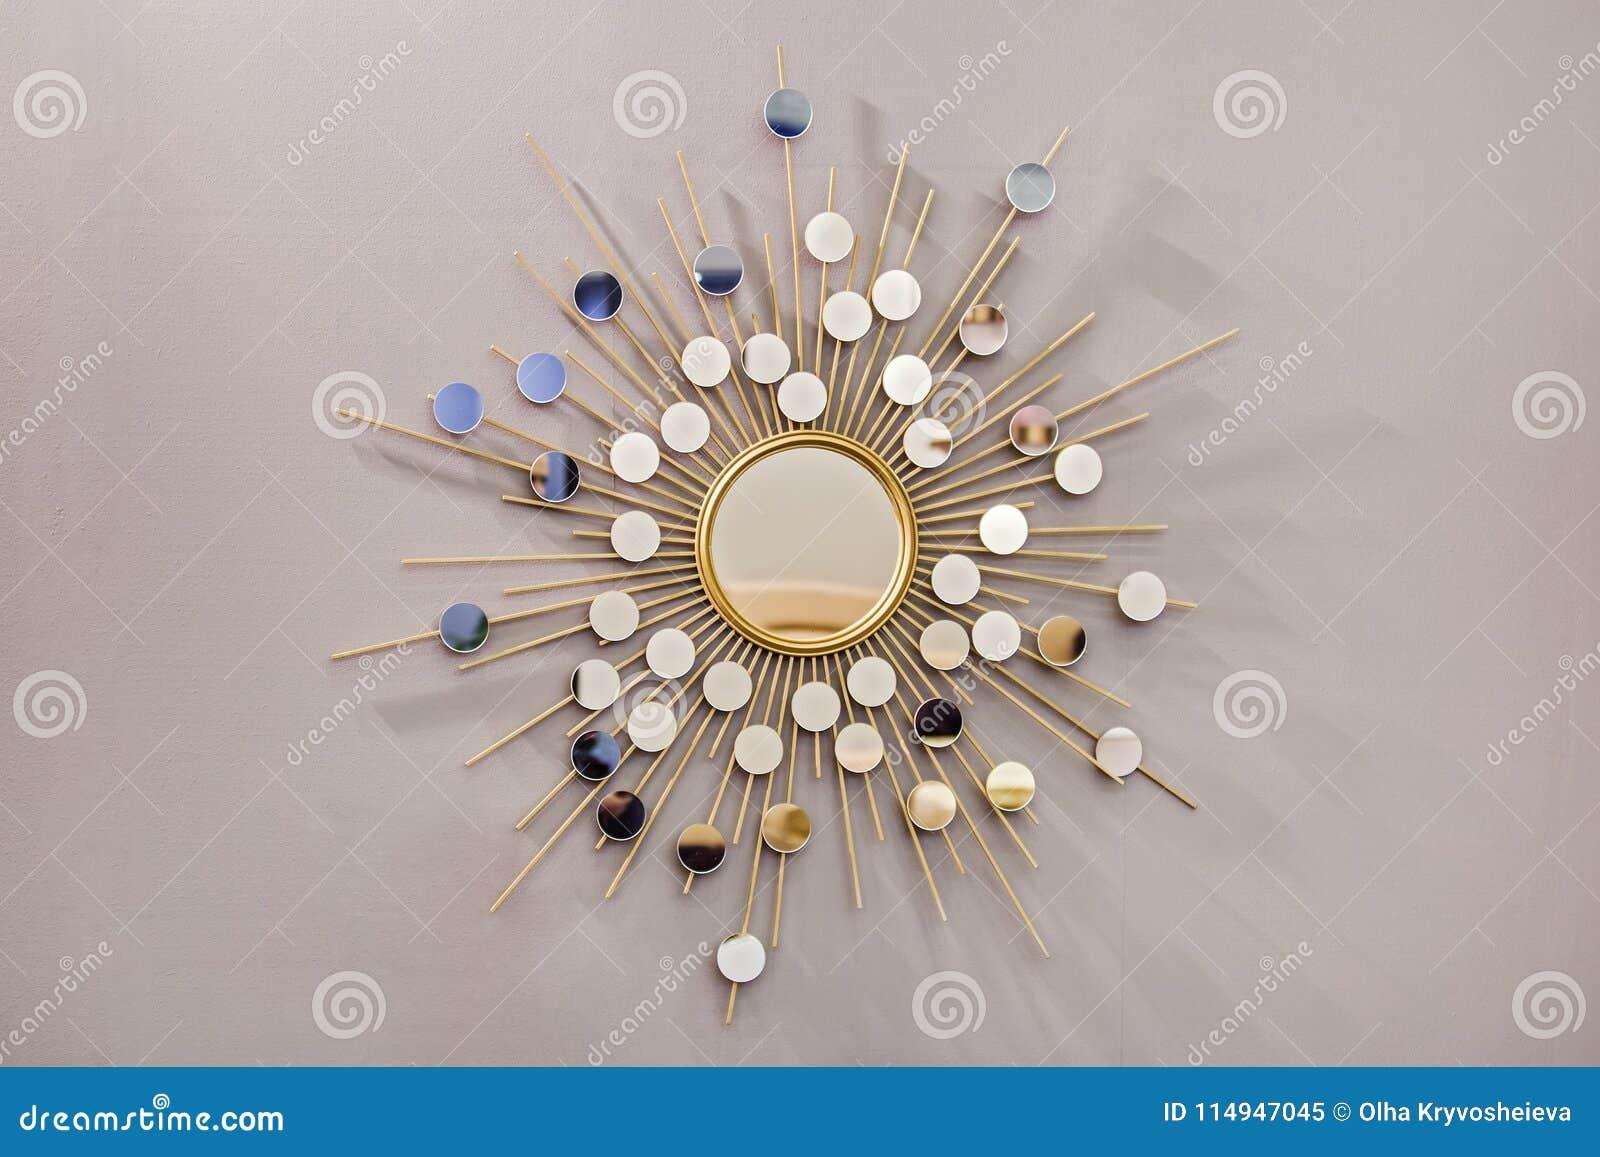 Espejo redondo en la forma del sol, un espejo de oro del tonelero, forma moderna de la pared decorativa en el estilo escandinavo